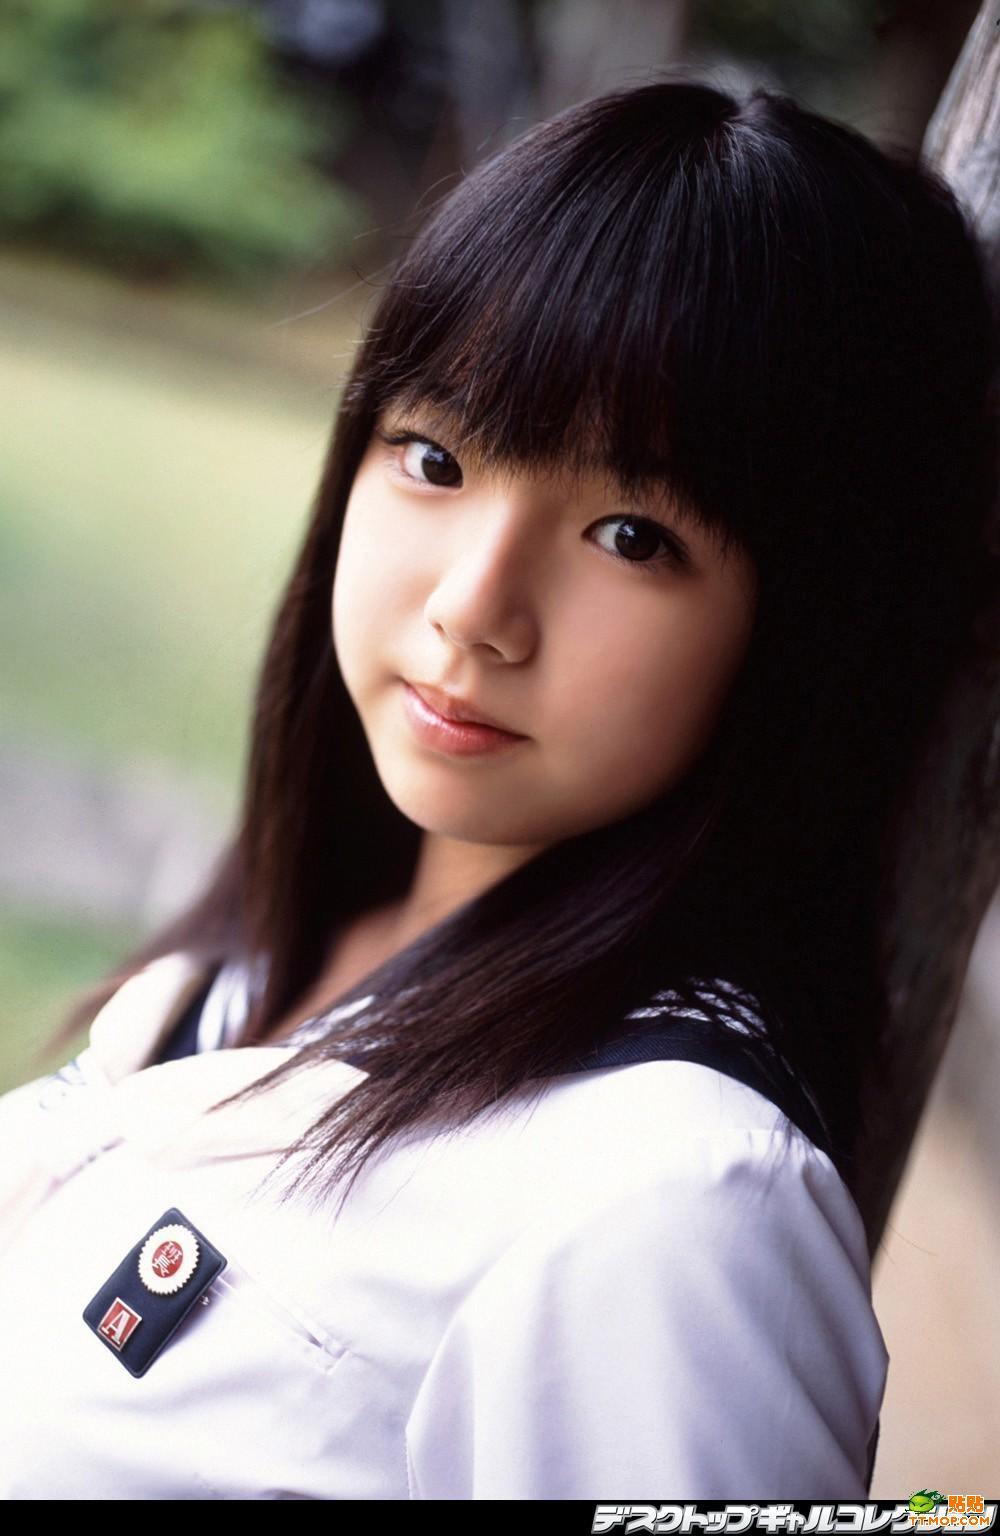 这位小美女是谁?挺漂亮的!说名字